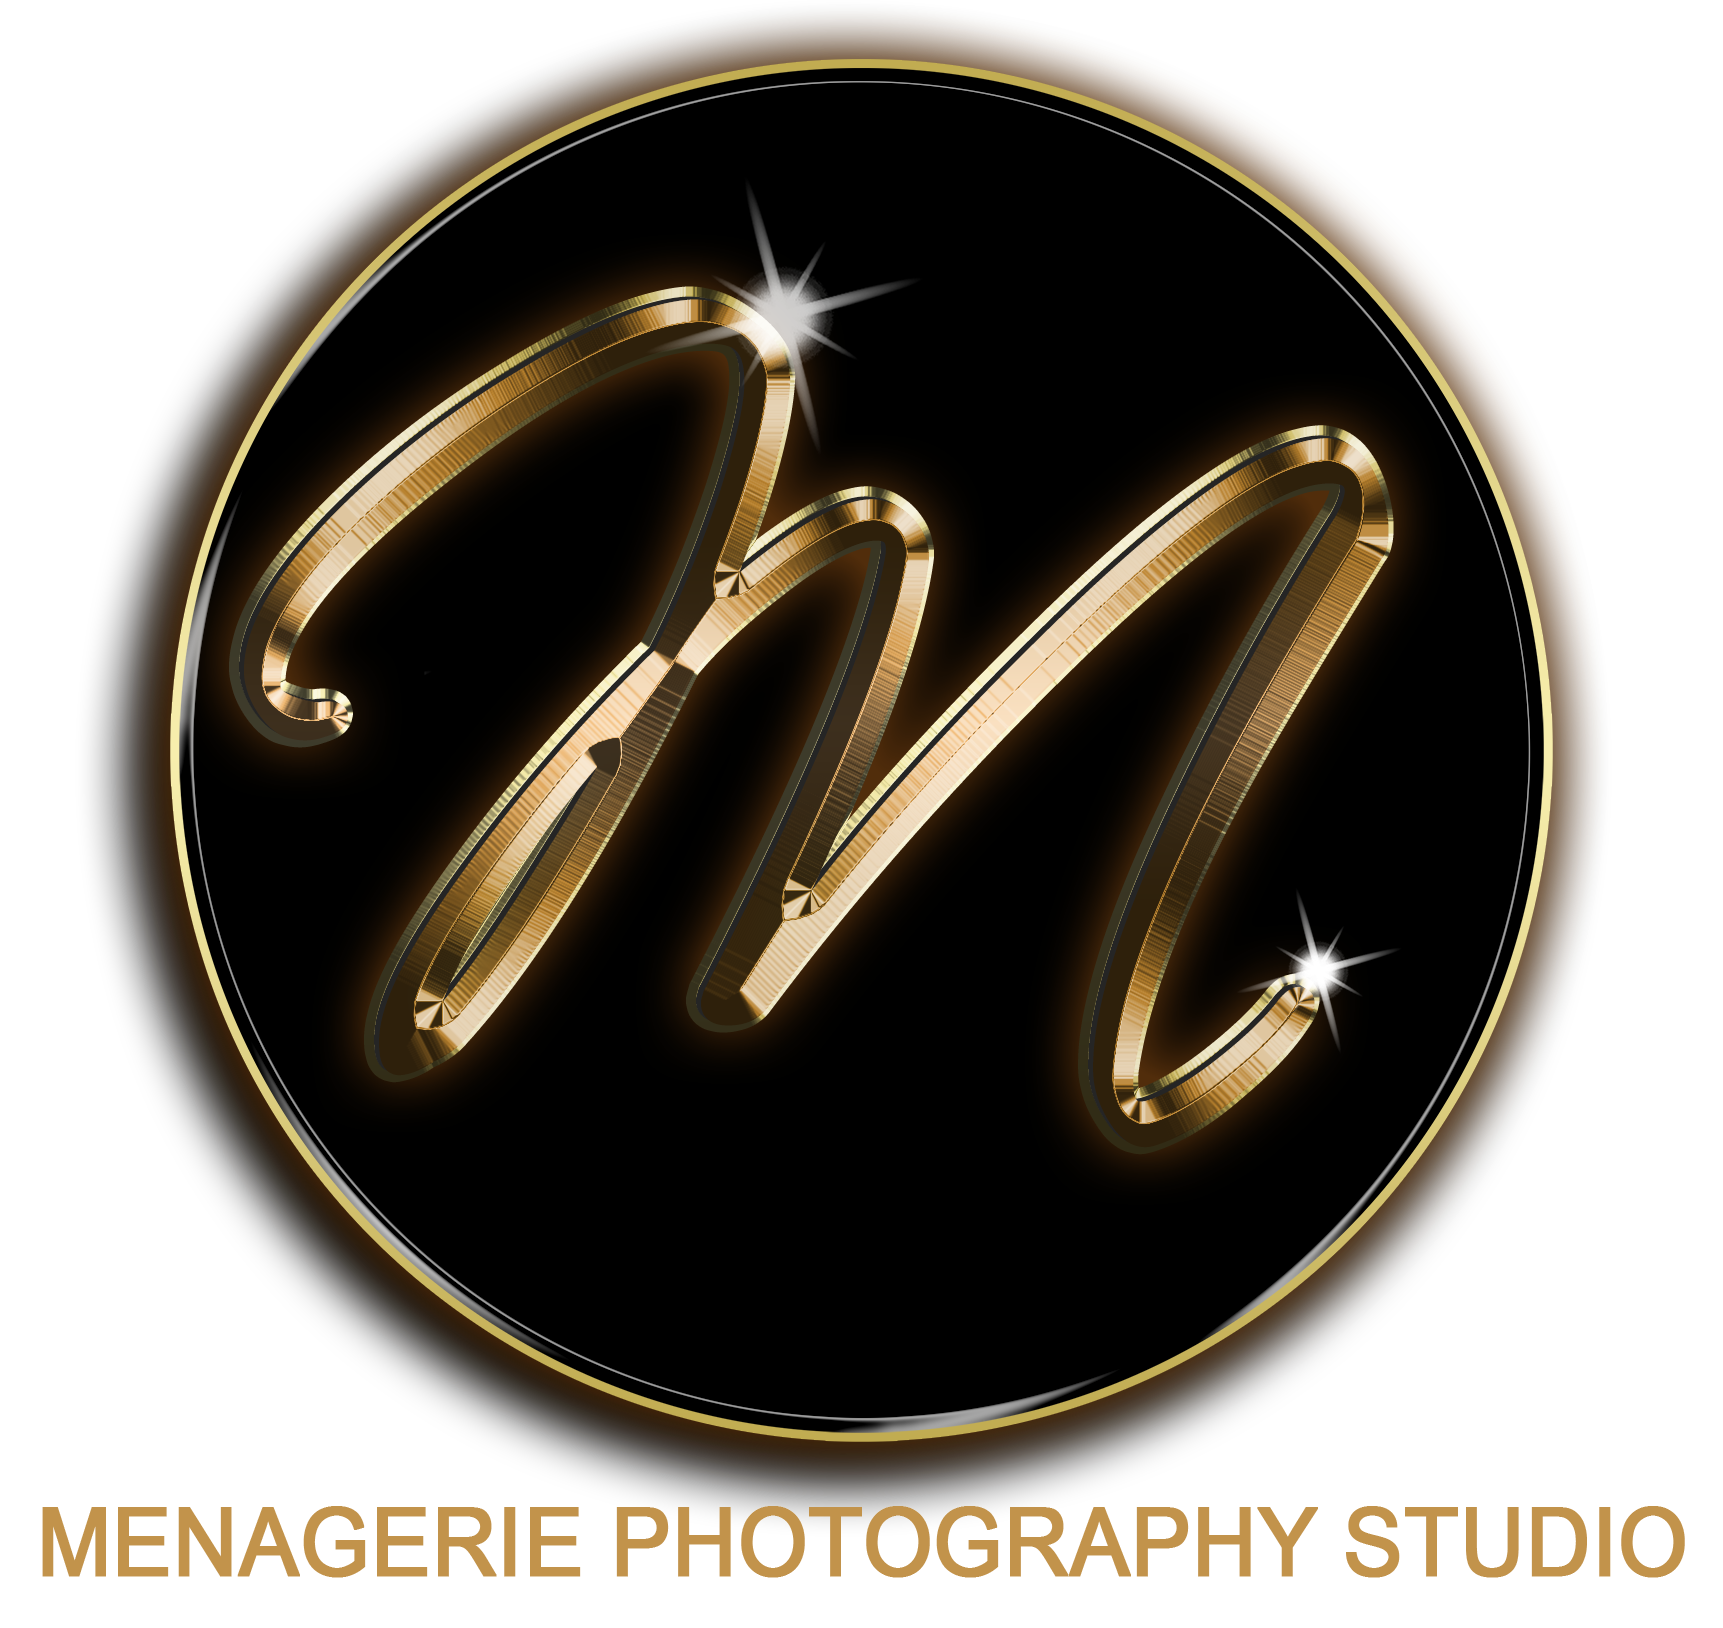 Menagerie Photography Studio;CT Boudoir;Photography Classes;Makeup Classes;Lingerie Boutique